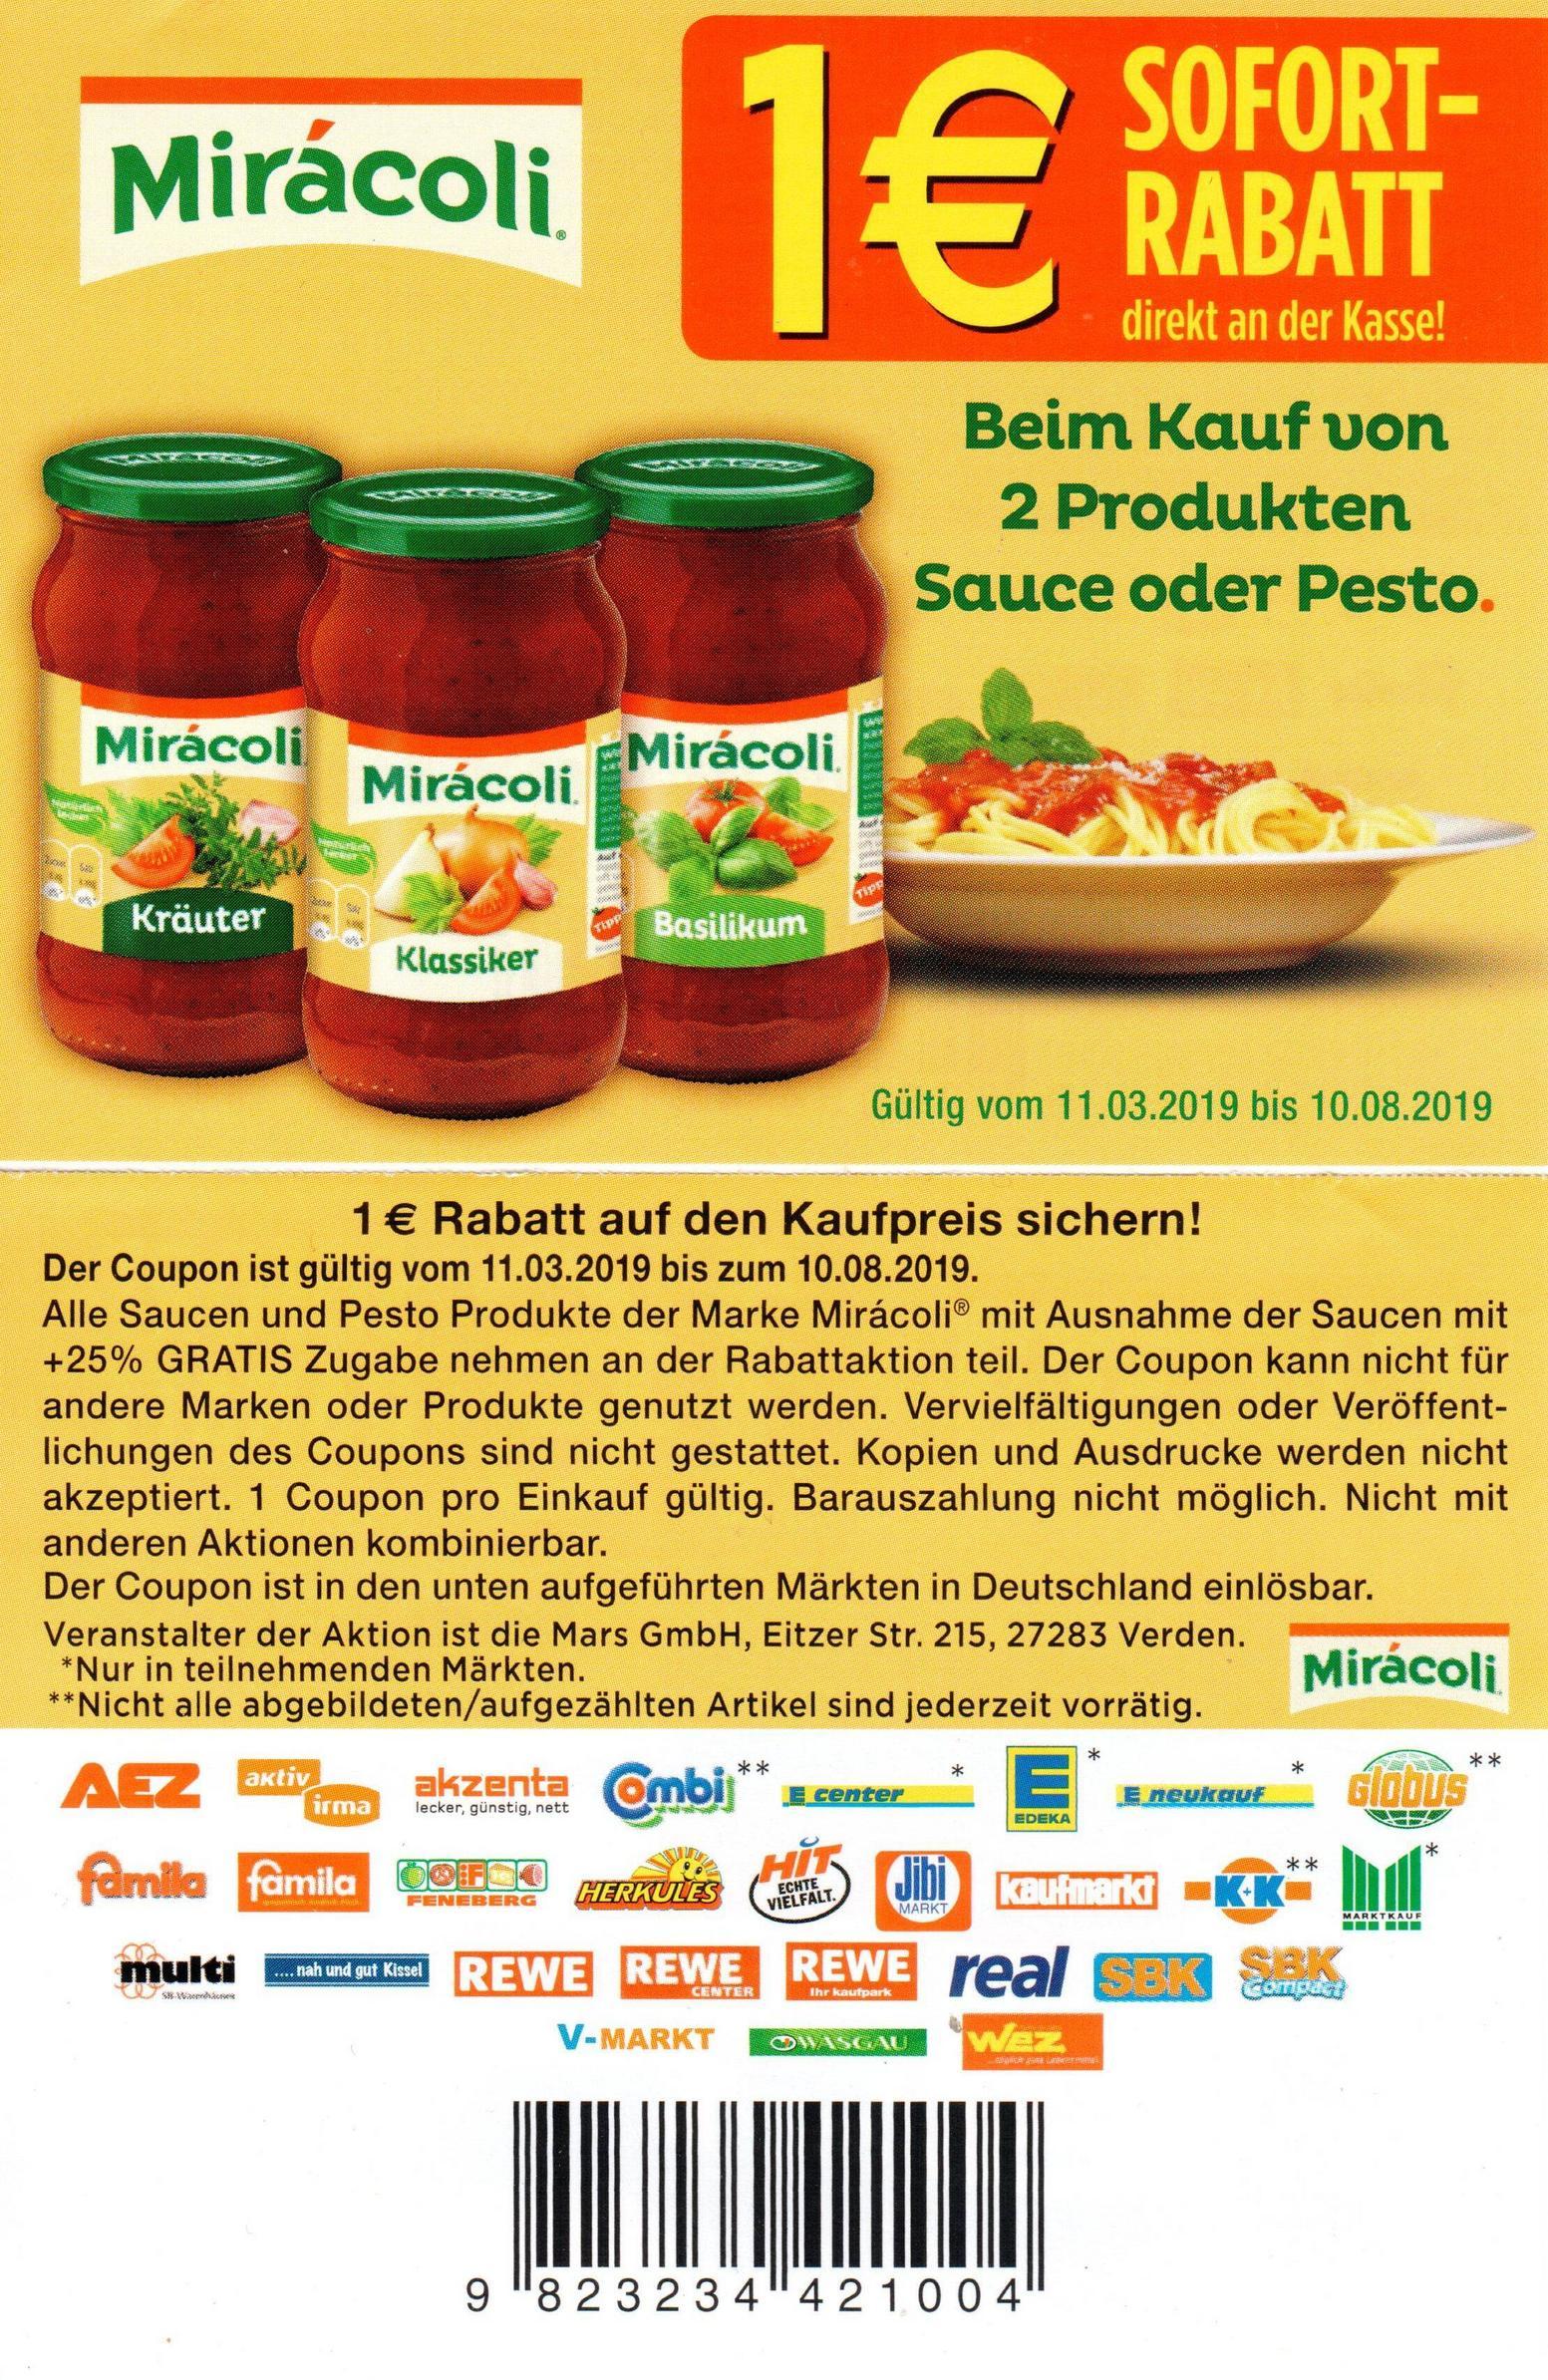 1,00€ Prospekt-Coupon für 2x Miracoli Pastasauce oder Pesto bis 10.08.2019